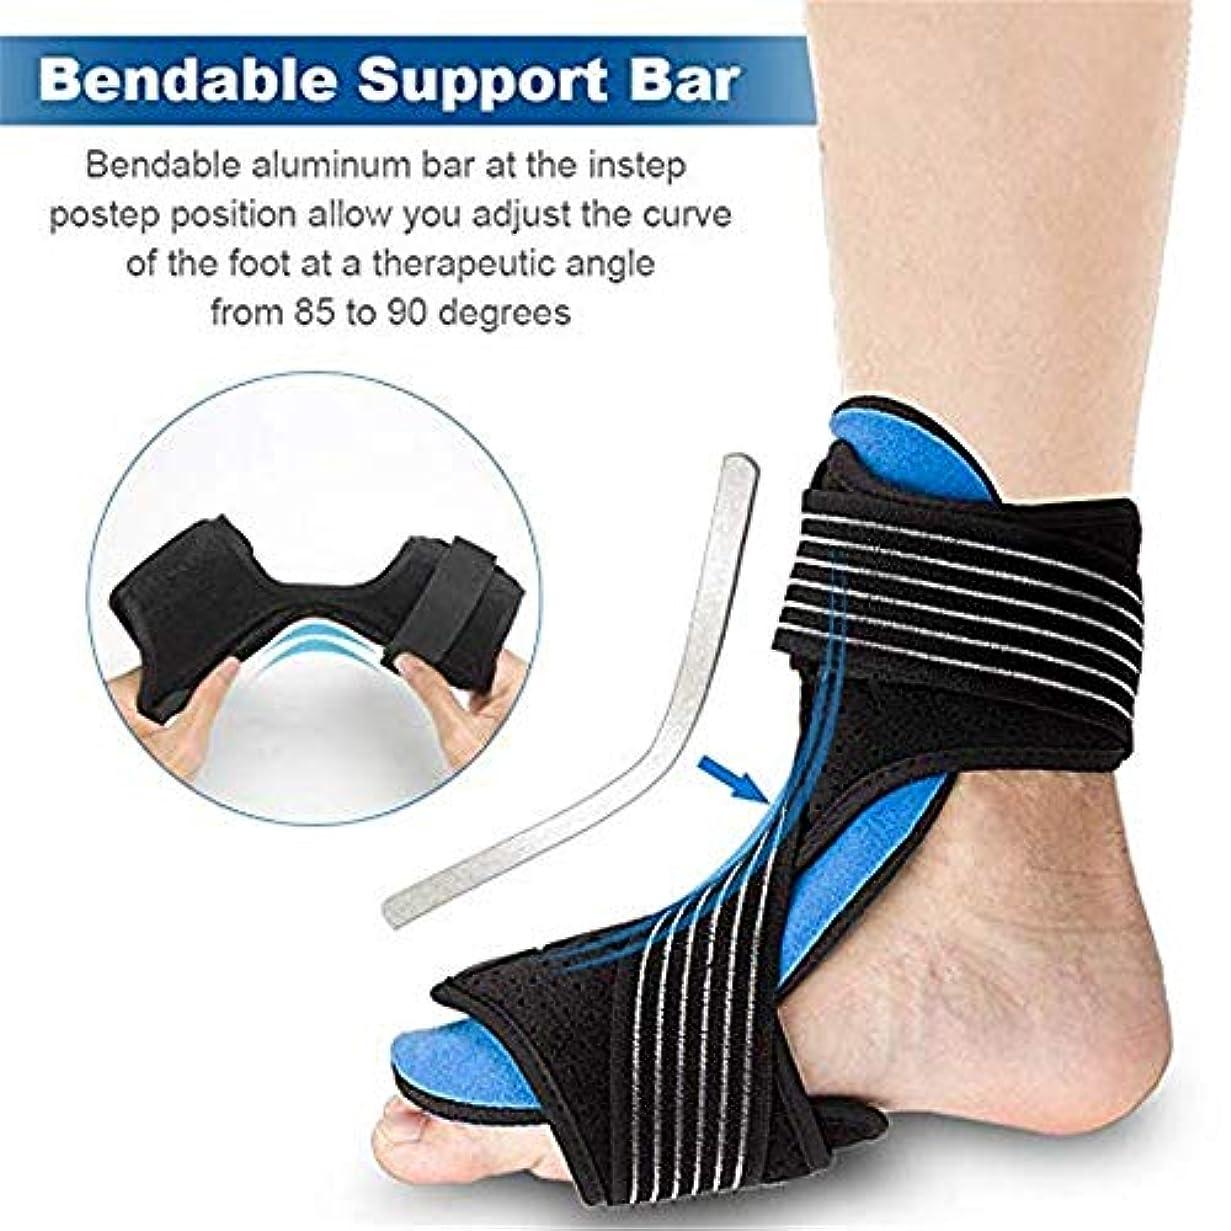 会員融合抑止する夜の足底筋膜炎の副木、足の裏は効果的に左右の足に適したアキレス腱炎、かかとの拍車と足の部族の夜間睡眠時の痛みを和らげることができます